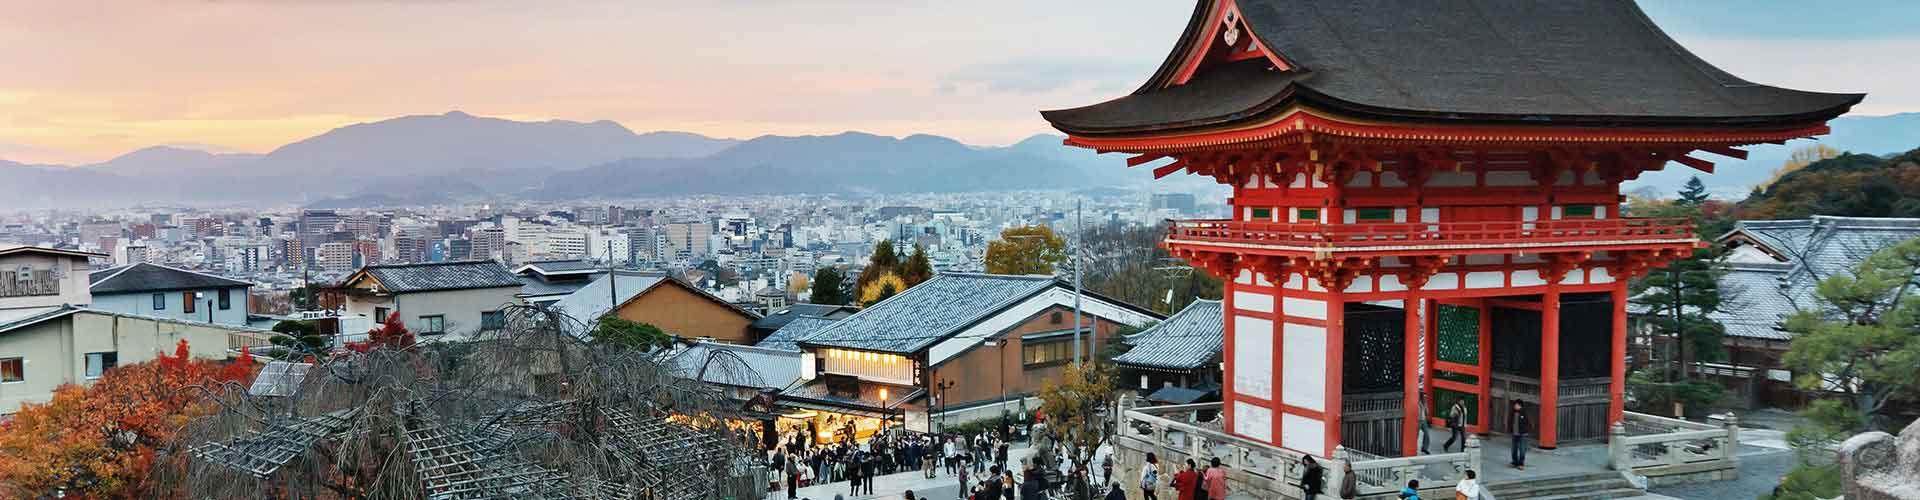 Kyoto - Camping à Kyoto. Cartes pour Kyoto, photos et commentaires pour chaque Camping à Kyoto.